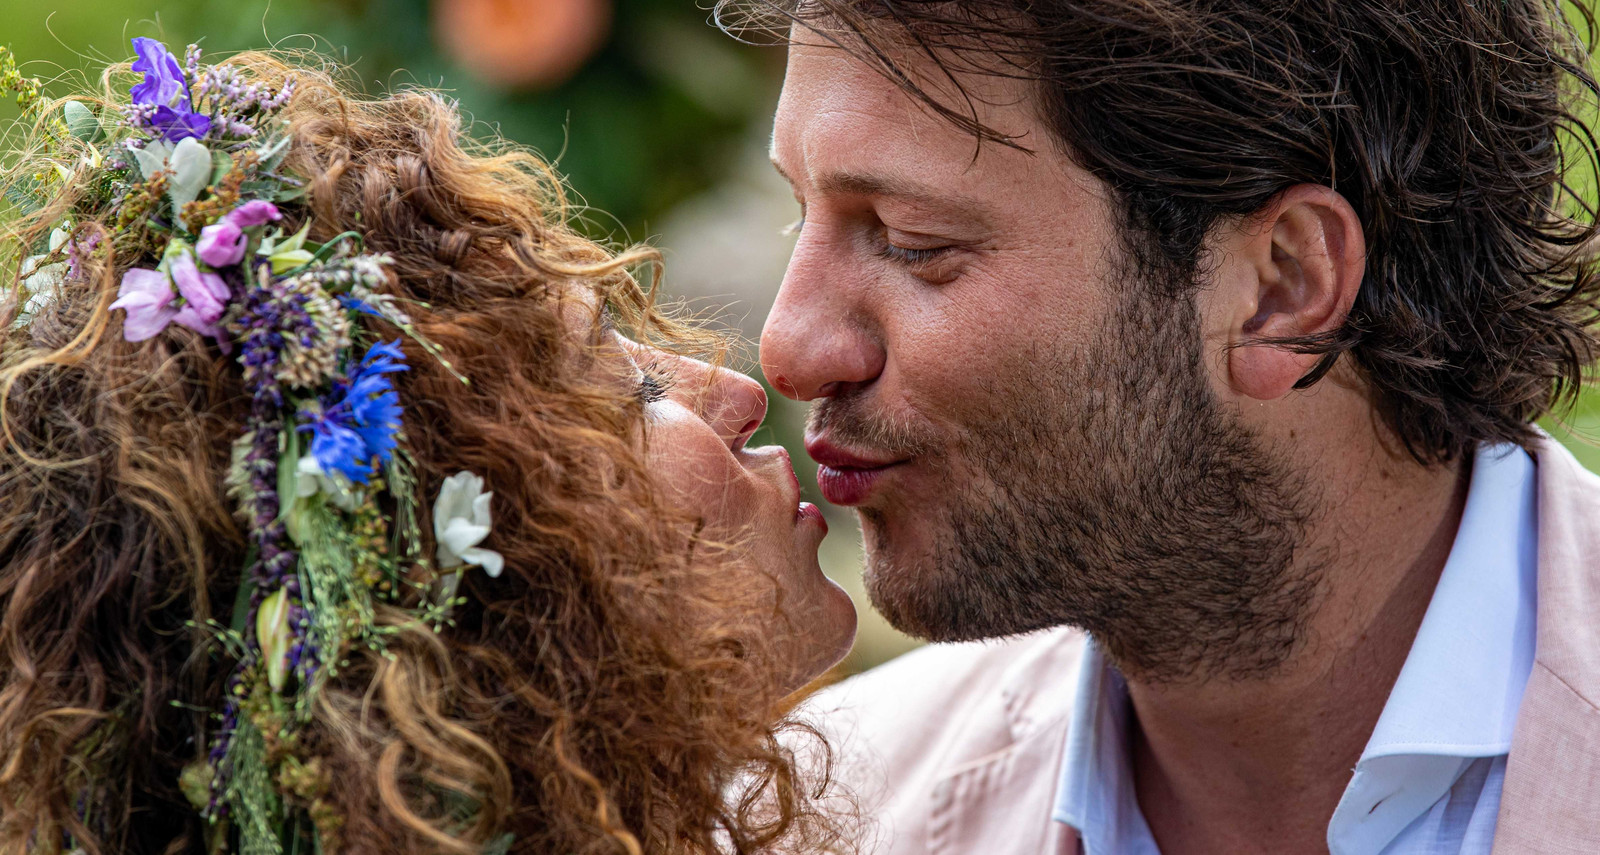 Katja Schuurman en Freek van Noortwijk poseren tijdens het vieren van hun huwelijk.